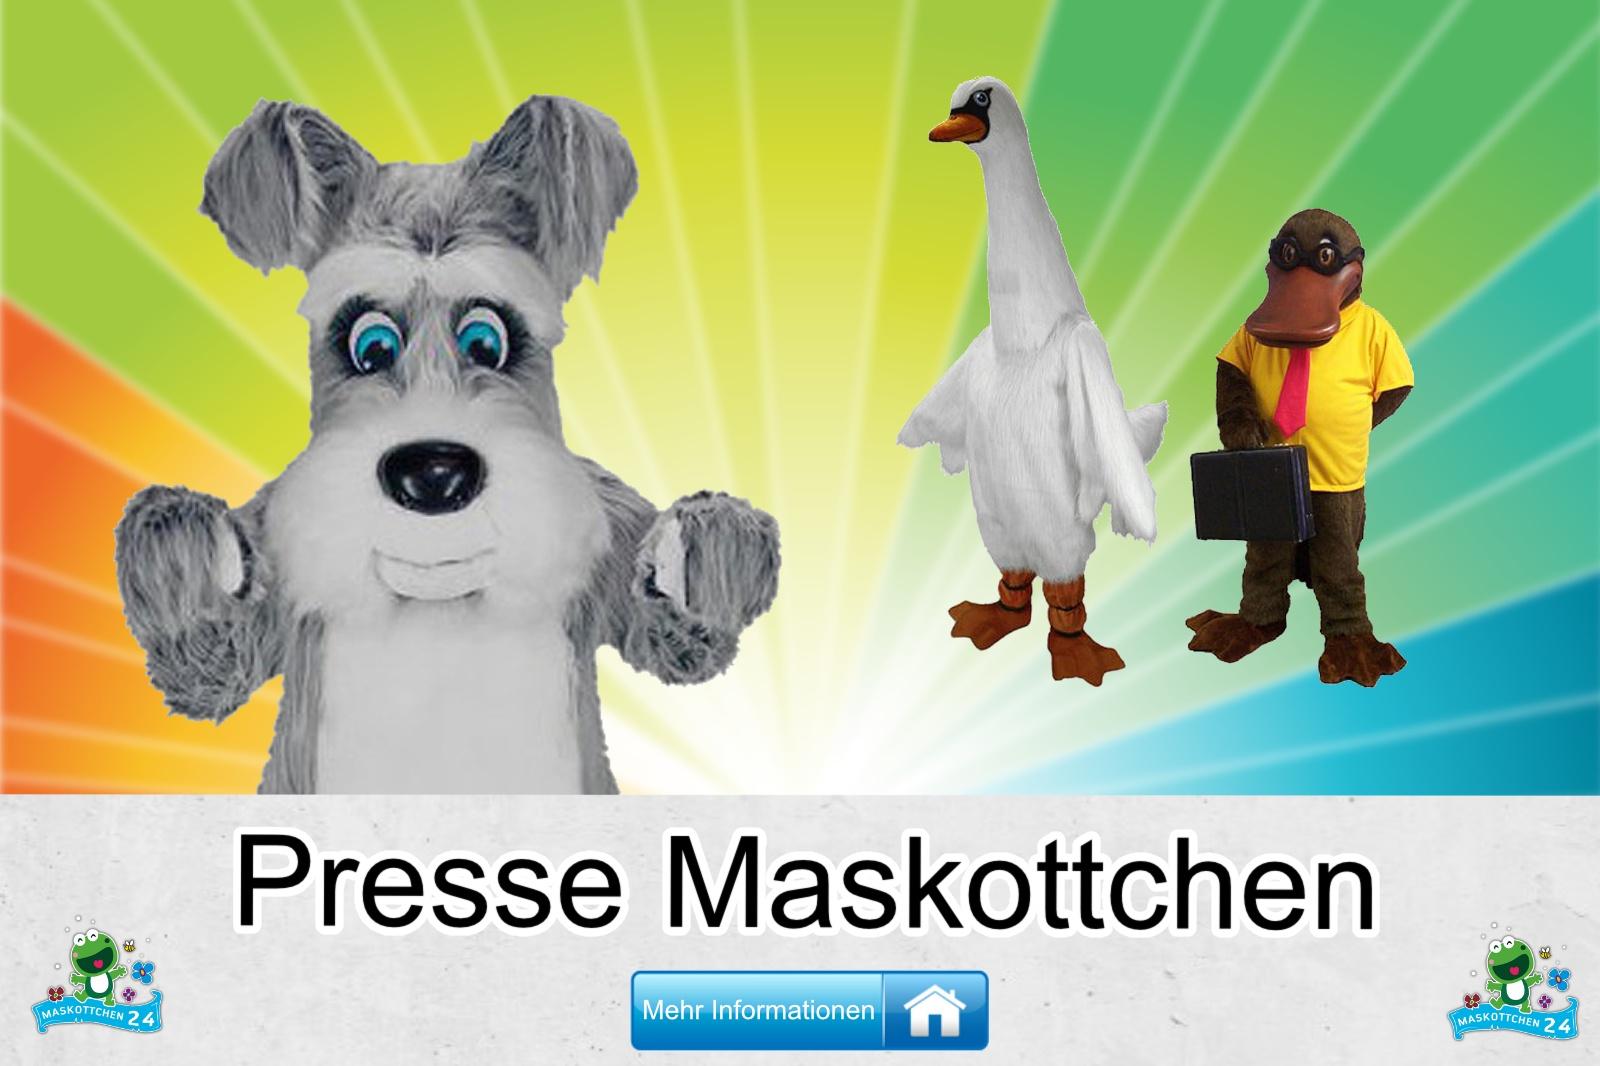 Presse Maskottchen Kostüm kaufen, günstige Produktion / Herstellung.